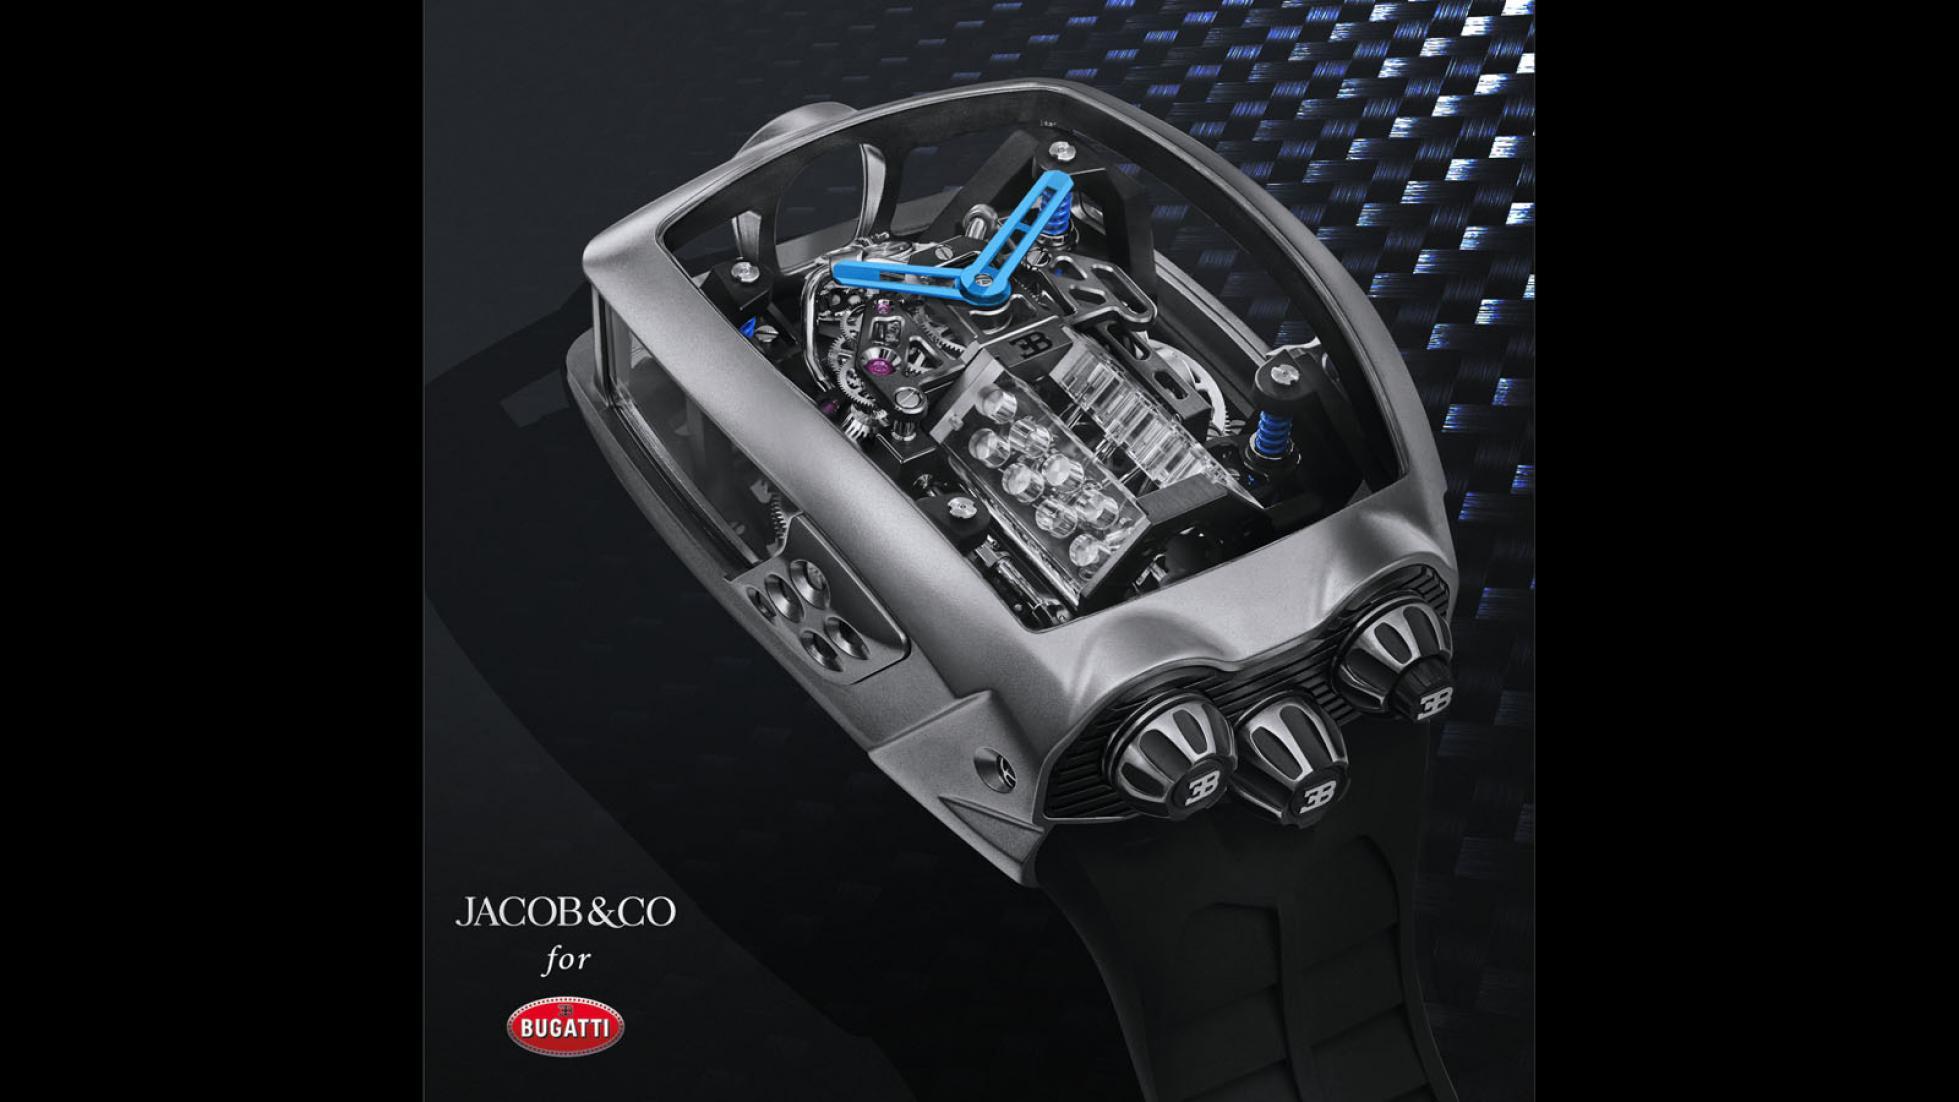 Hodinky Bugatti majú cenu drahého auta a miniatúrny šestnásťvalec